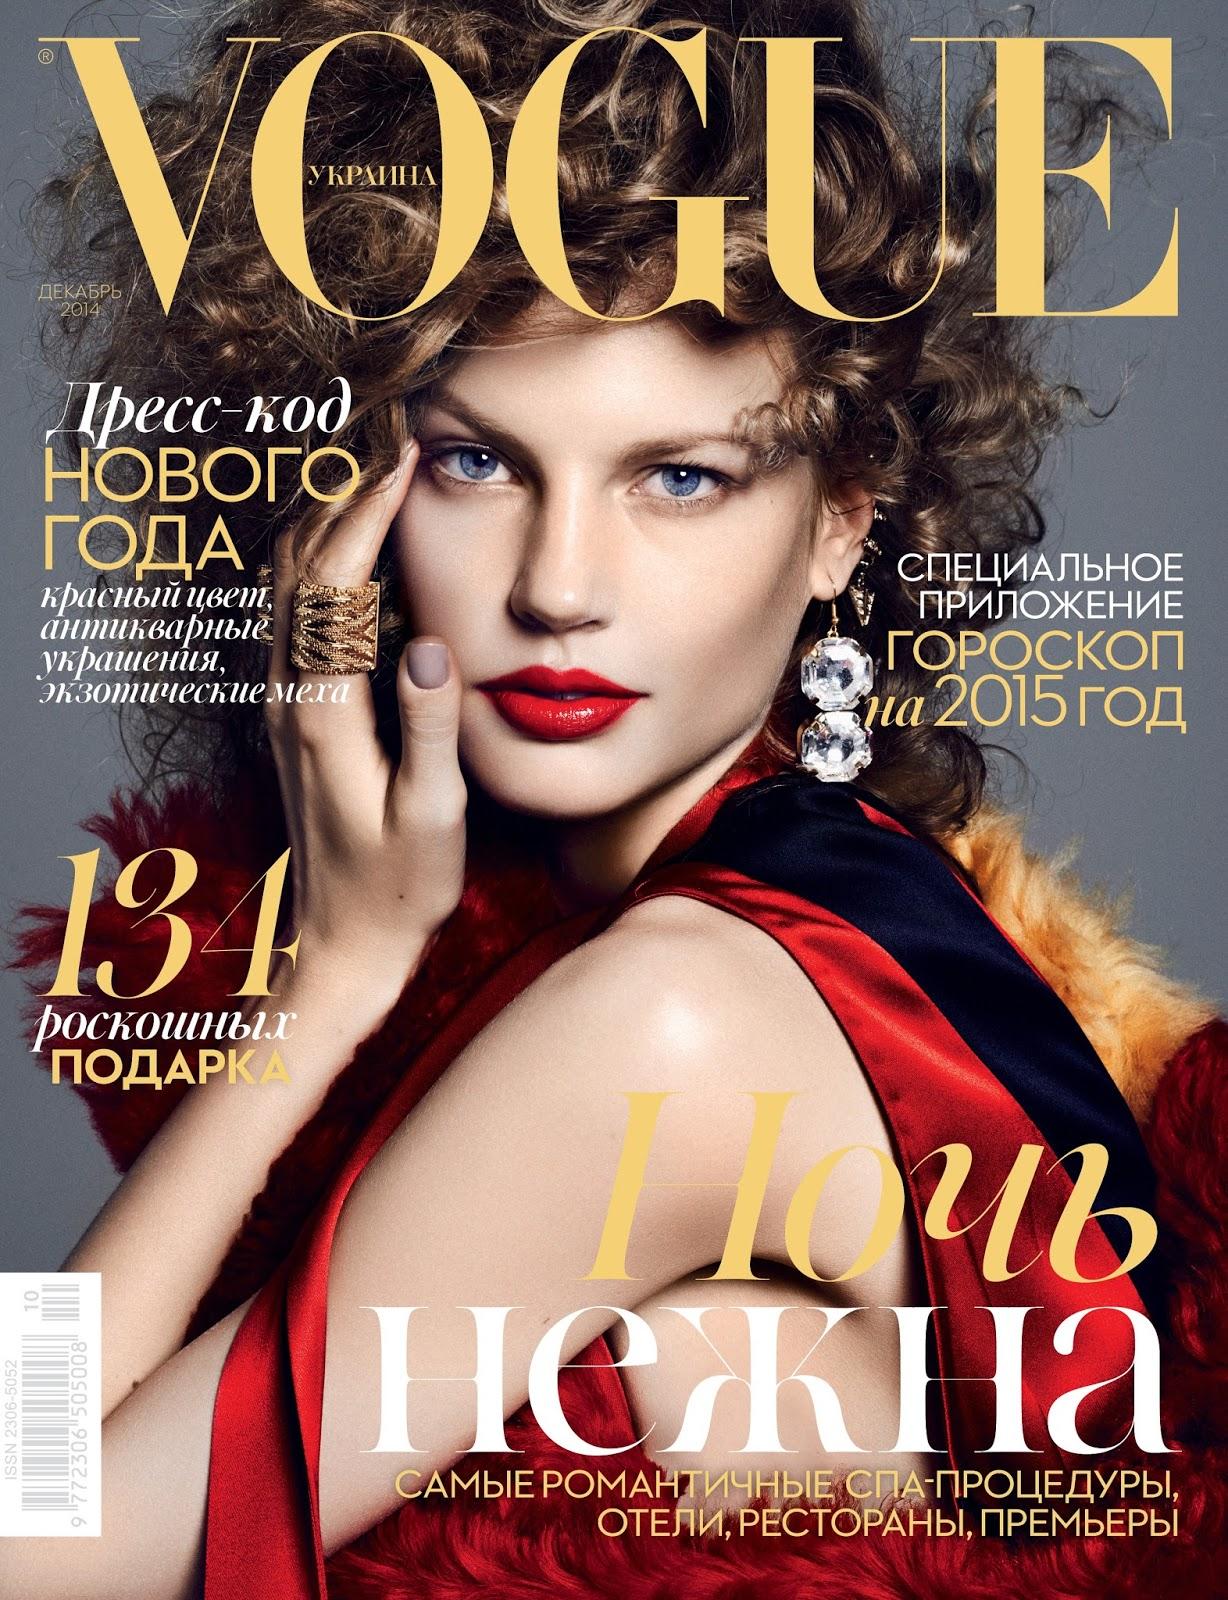 2019 year looks- Kurylenko olga vogue ukraine july cover